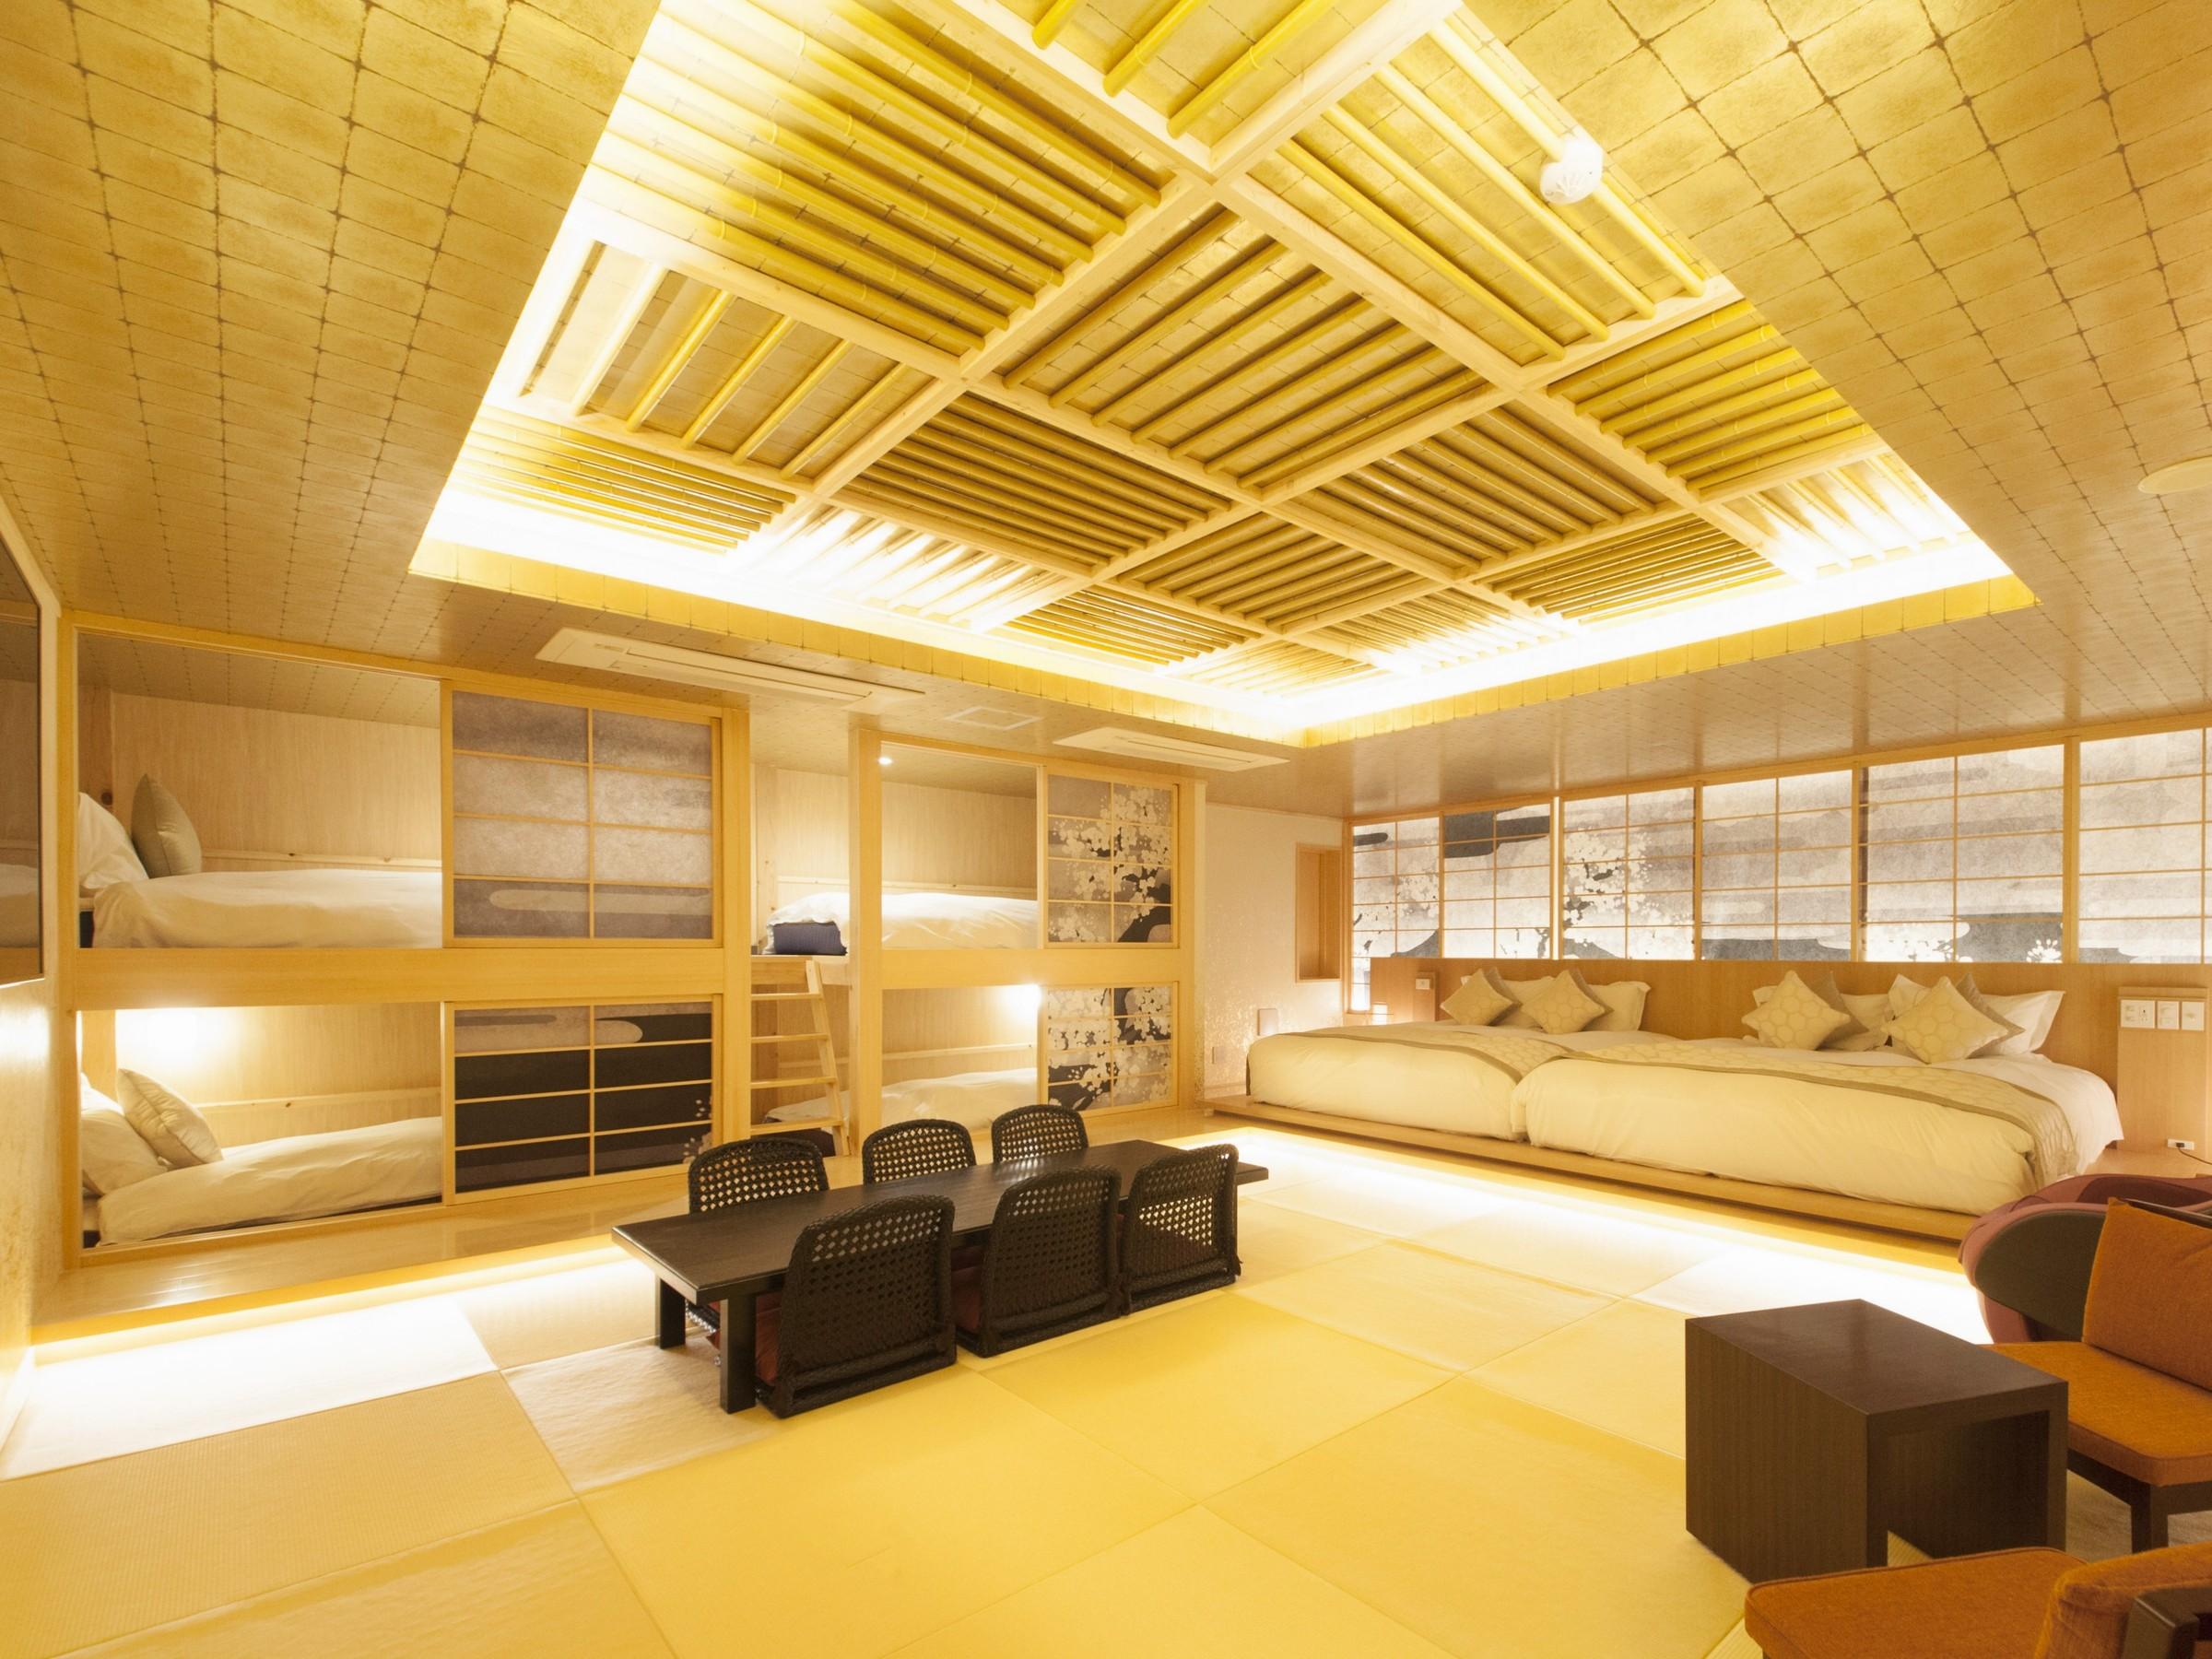 ザ・センチュリオンホテル クラシック赤坂 / 【禁煙】プレミアファミリー和スイート 《1-8名様》